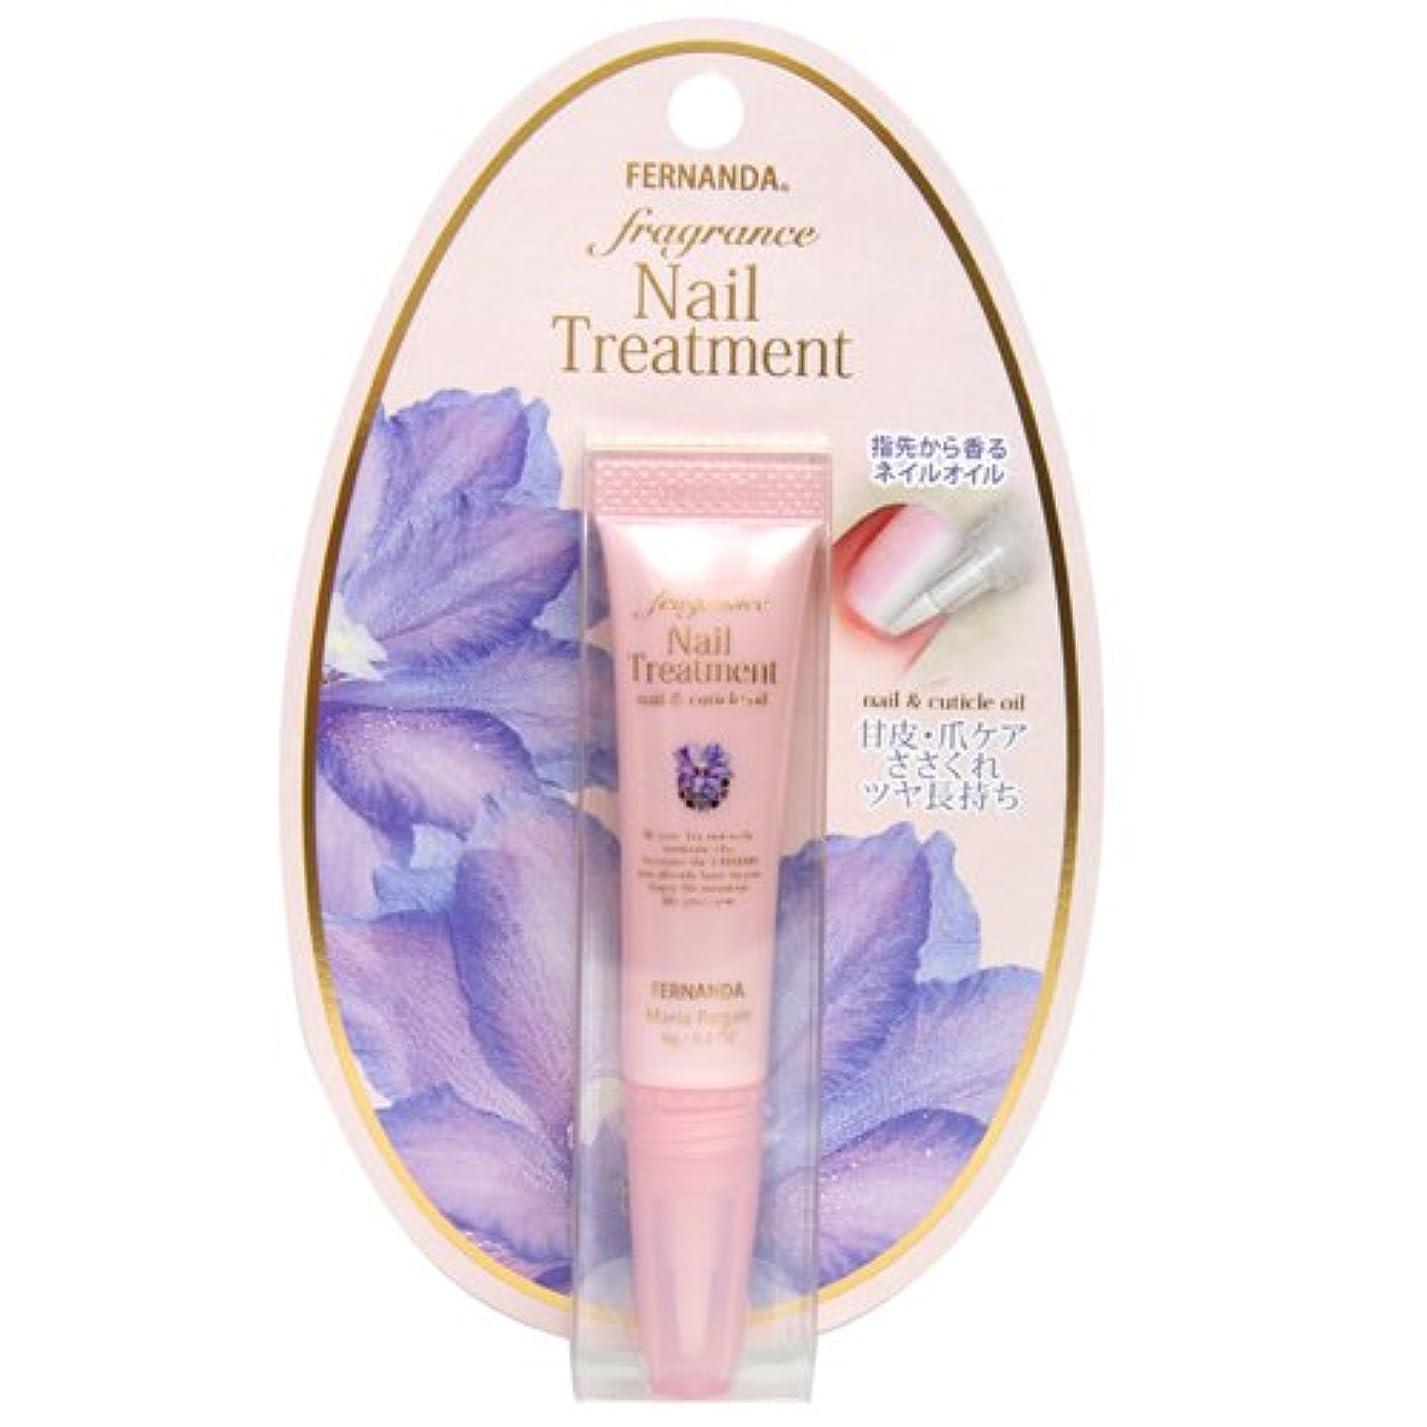 発見する時期尚早悲鳴FERNANDA(フェルナンダ) Nail Treatment Maria Regale (ネイルトリートメント マリアリゲル)